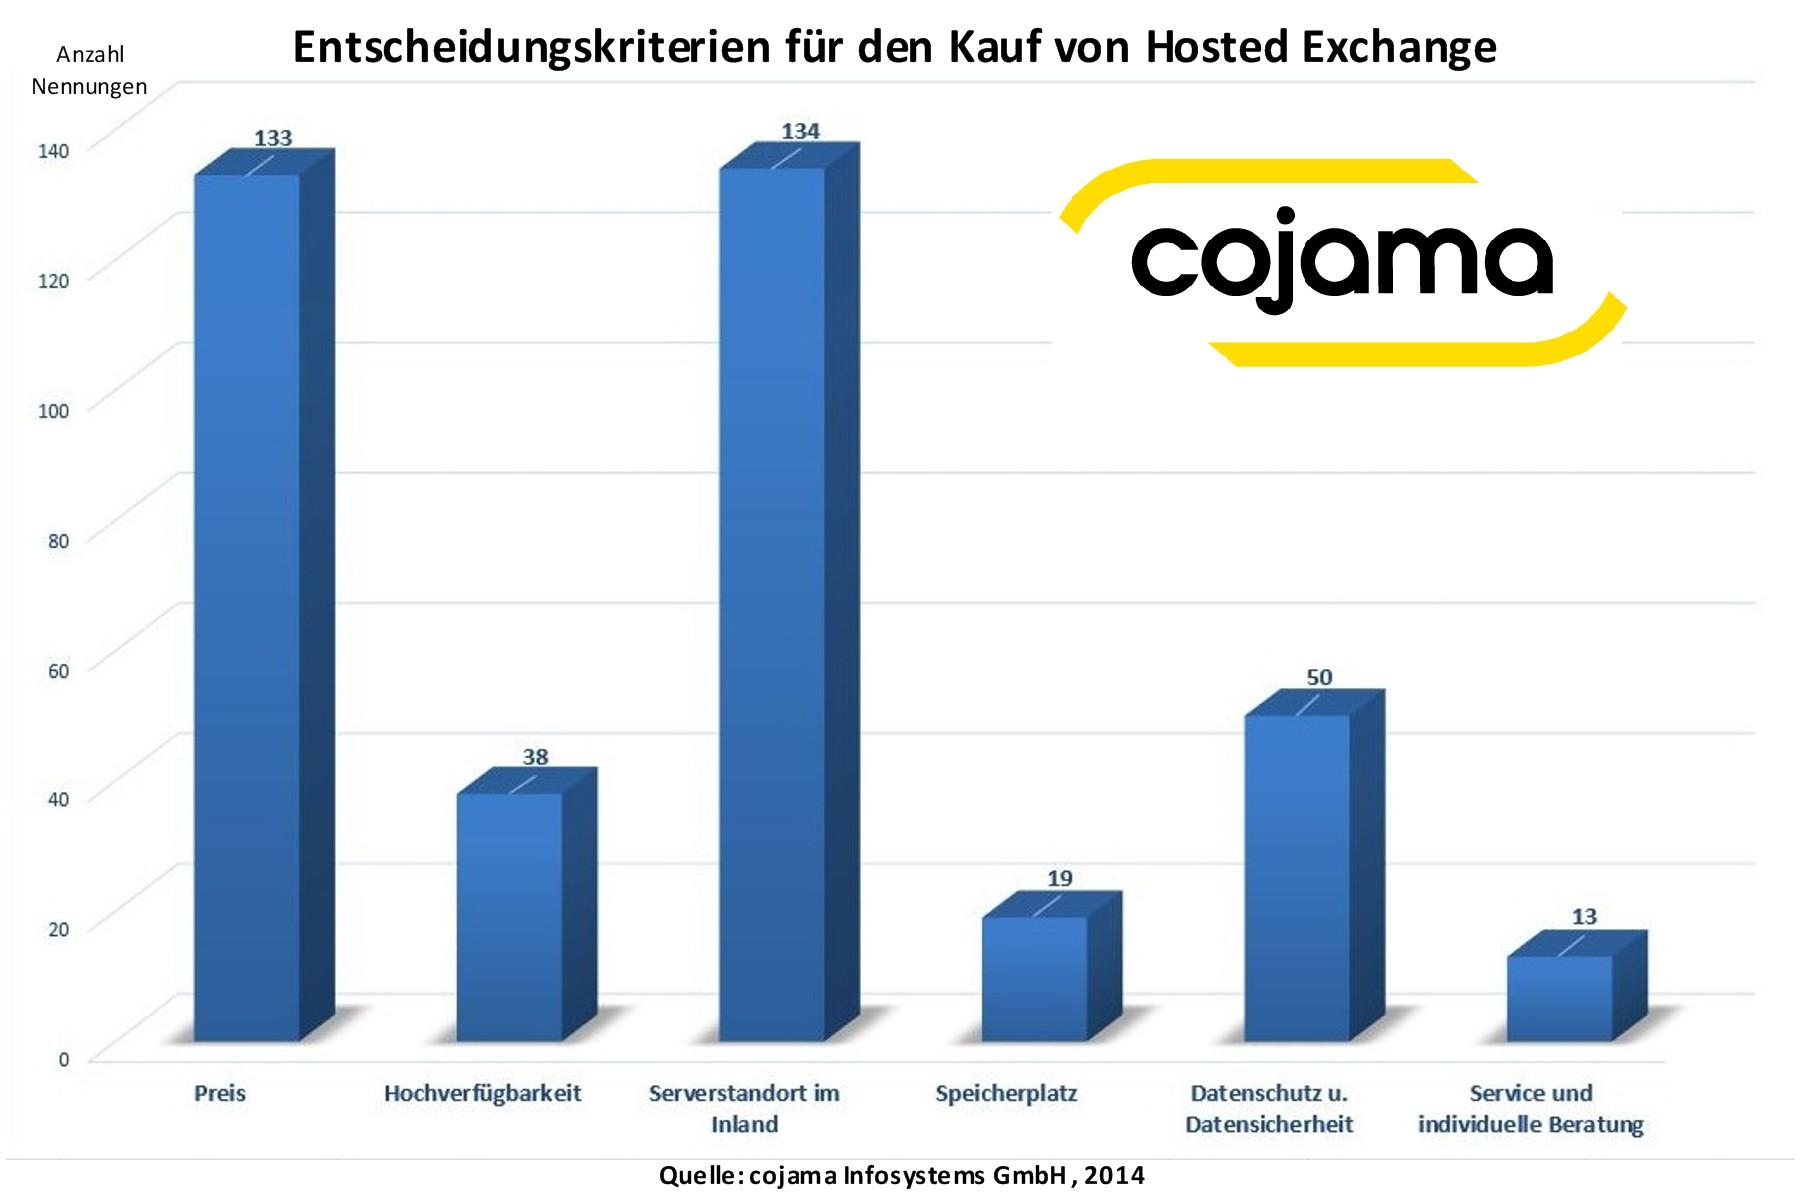 Gründe für den Kauf bei Hosted Exchange 2013